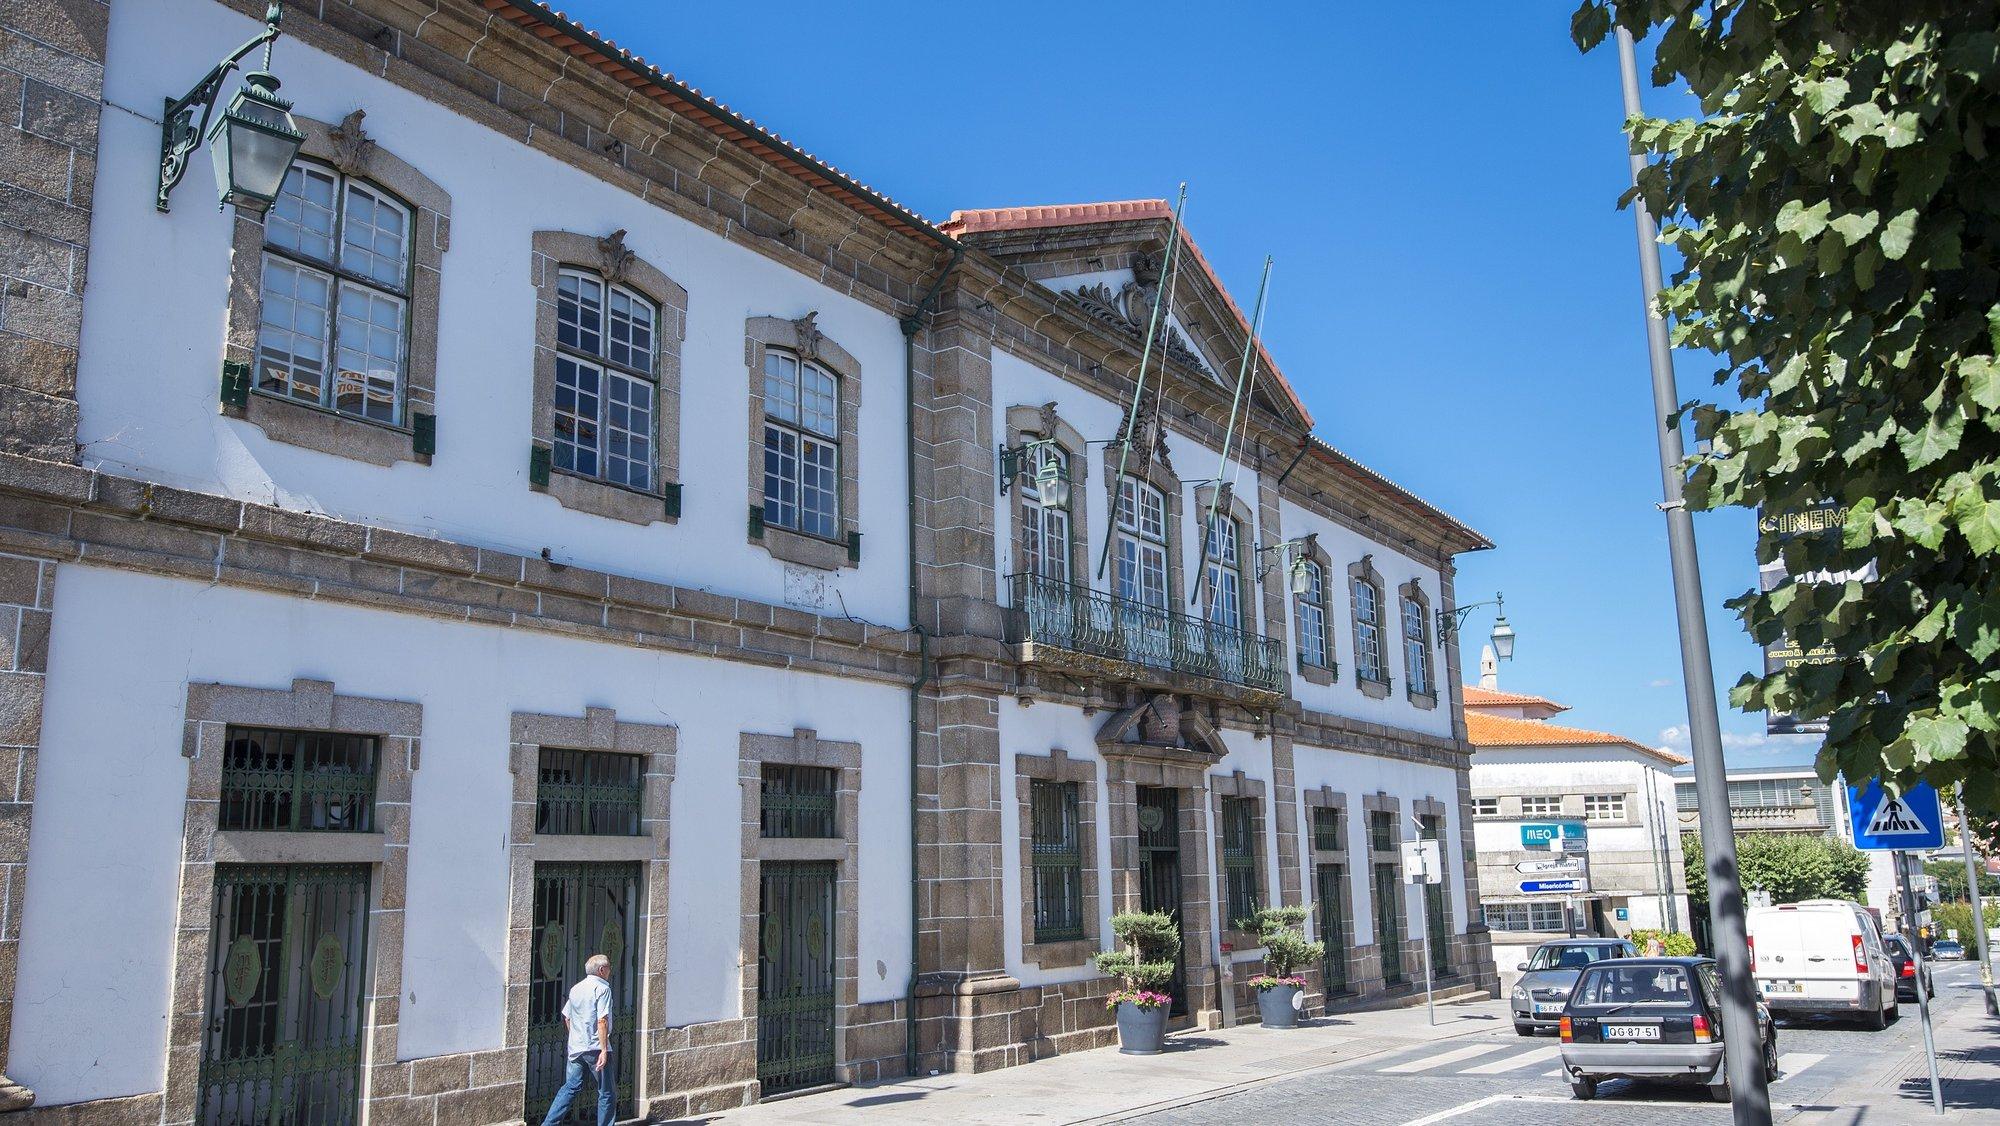 Edifício da Câmara Municipal de Penafiel, 31 de agosto de 2017. OCTÁVIO PASSOS/LUSA